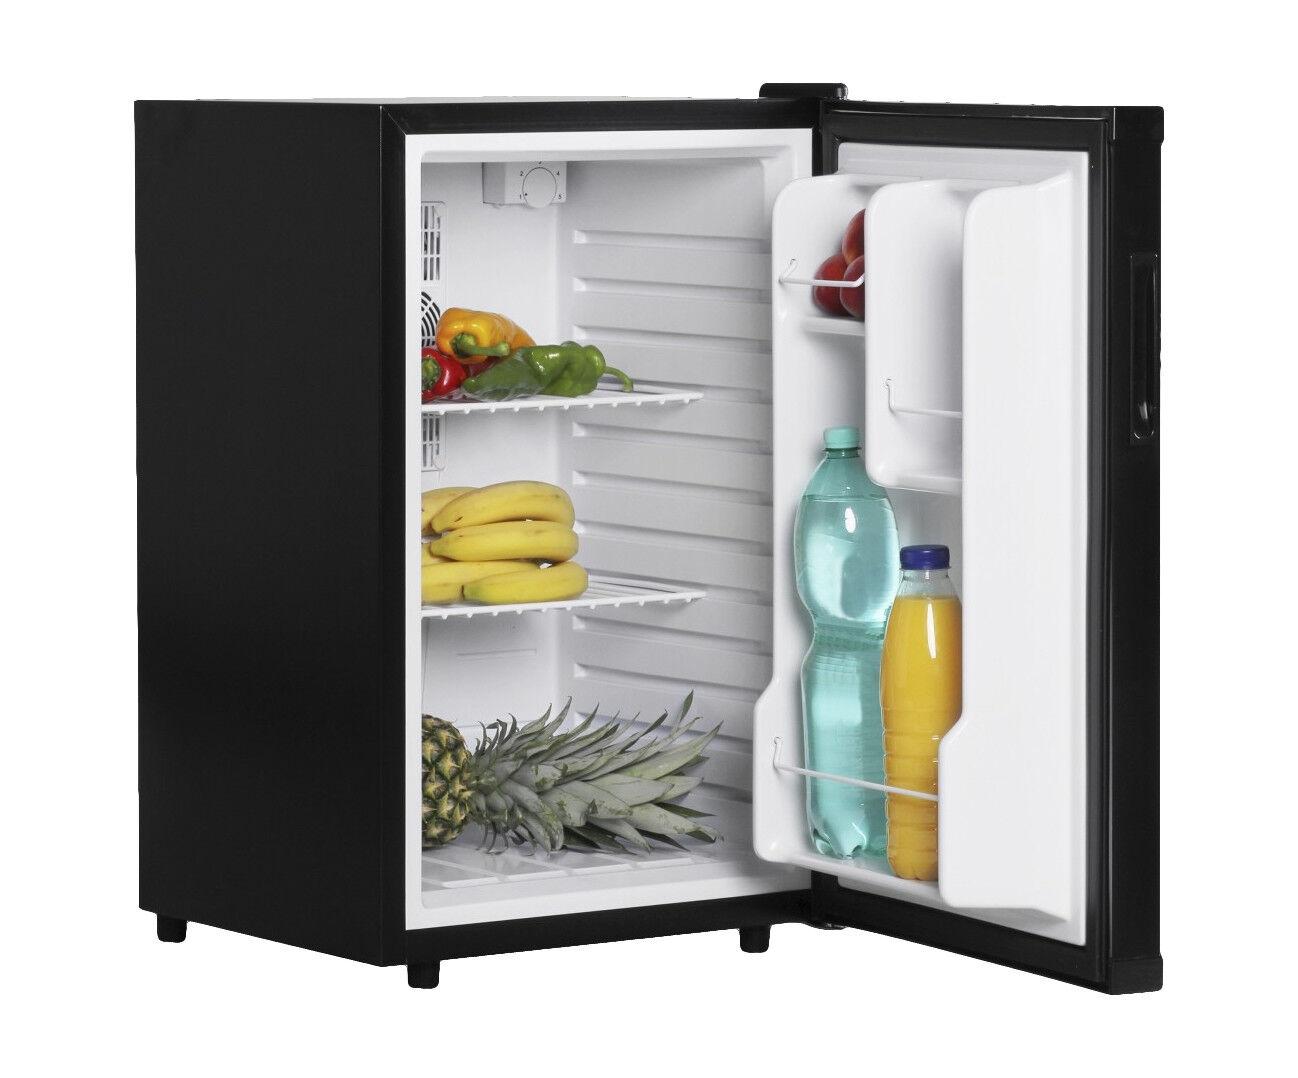 Amstyle Mini Kühlschrank Minibar Schwarz 46 L : Amstyle minibar kühlschrank sph liter schwarz eek a